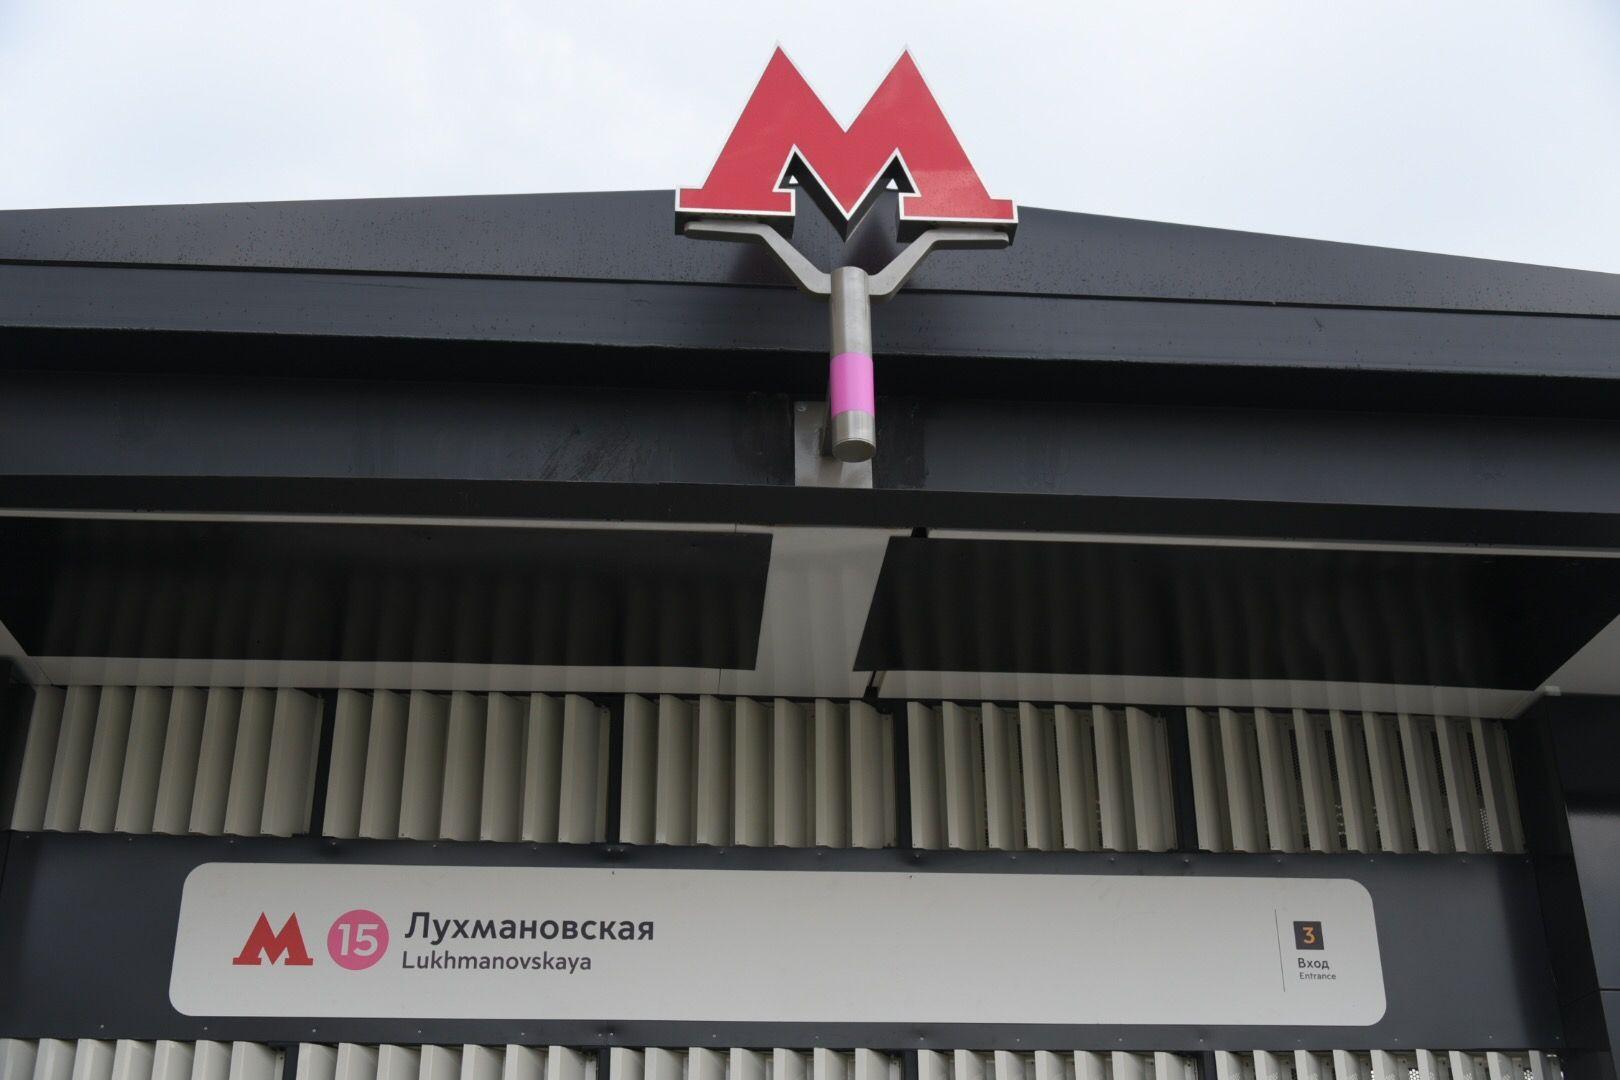 Жители Москвы получат еще шесть станций метро до конца года